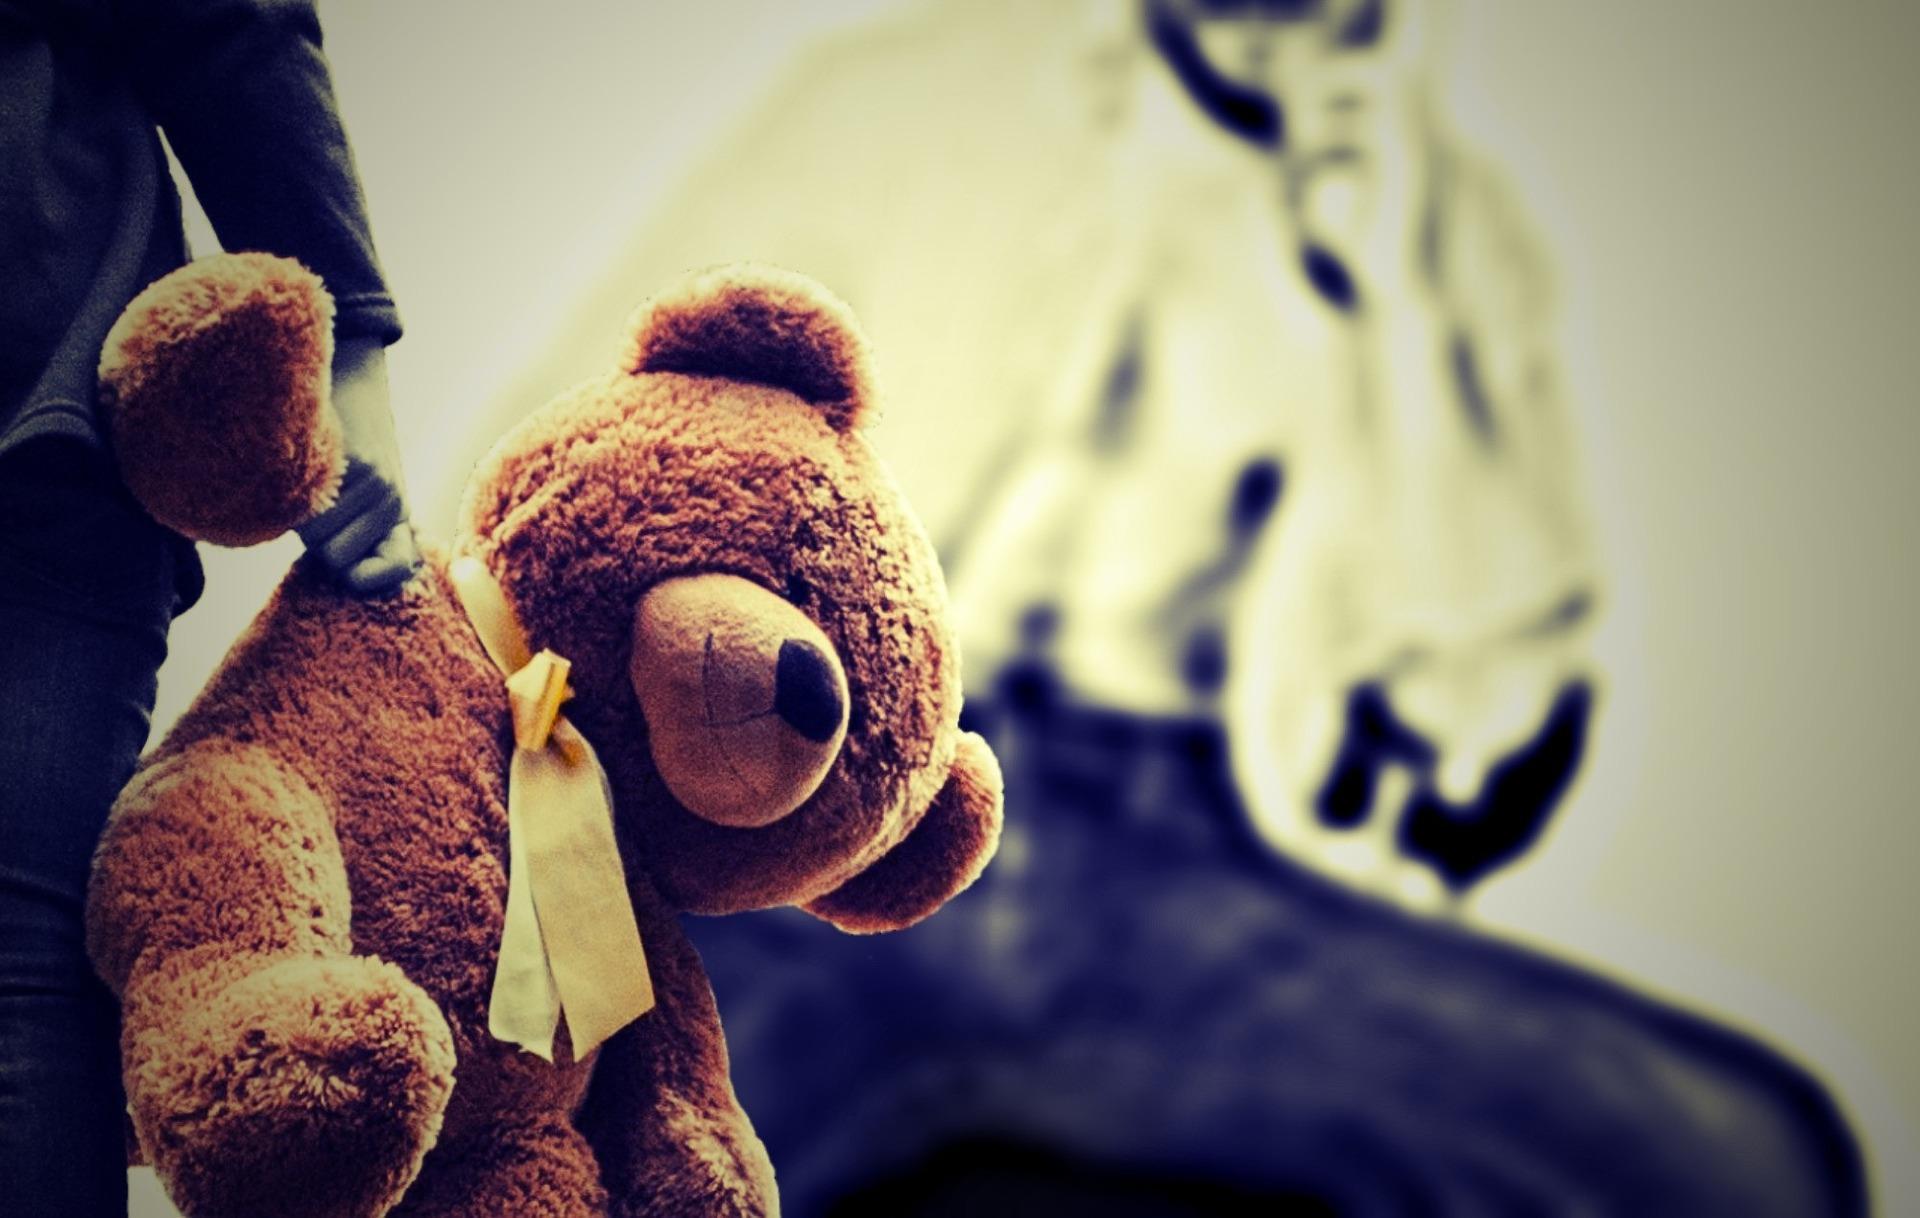 Até quando posso denunciar um abuso sexual ocorrido na infância?